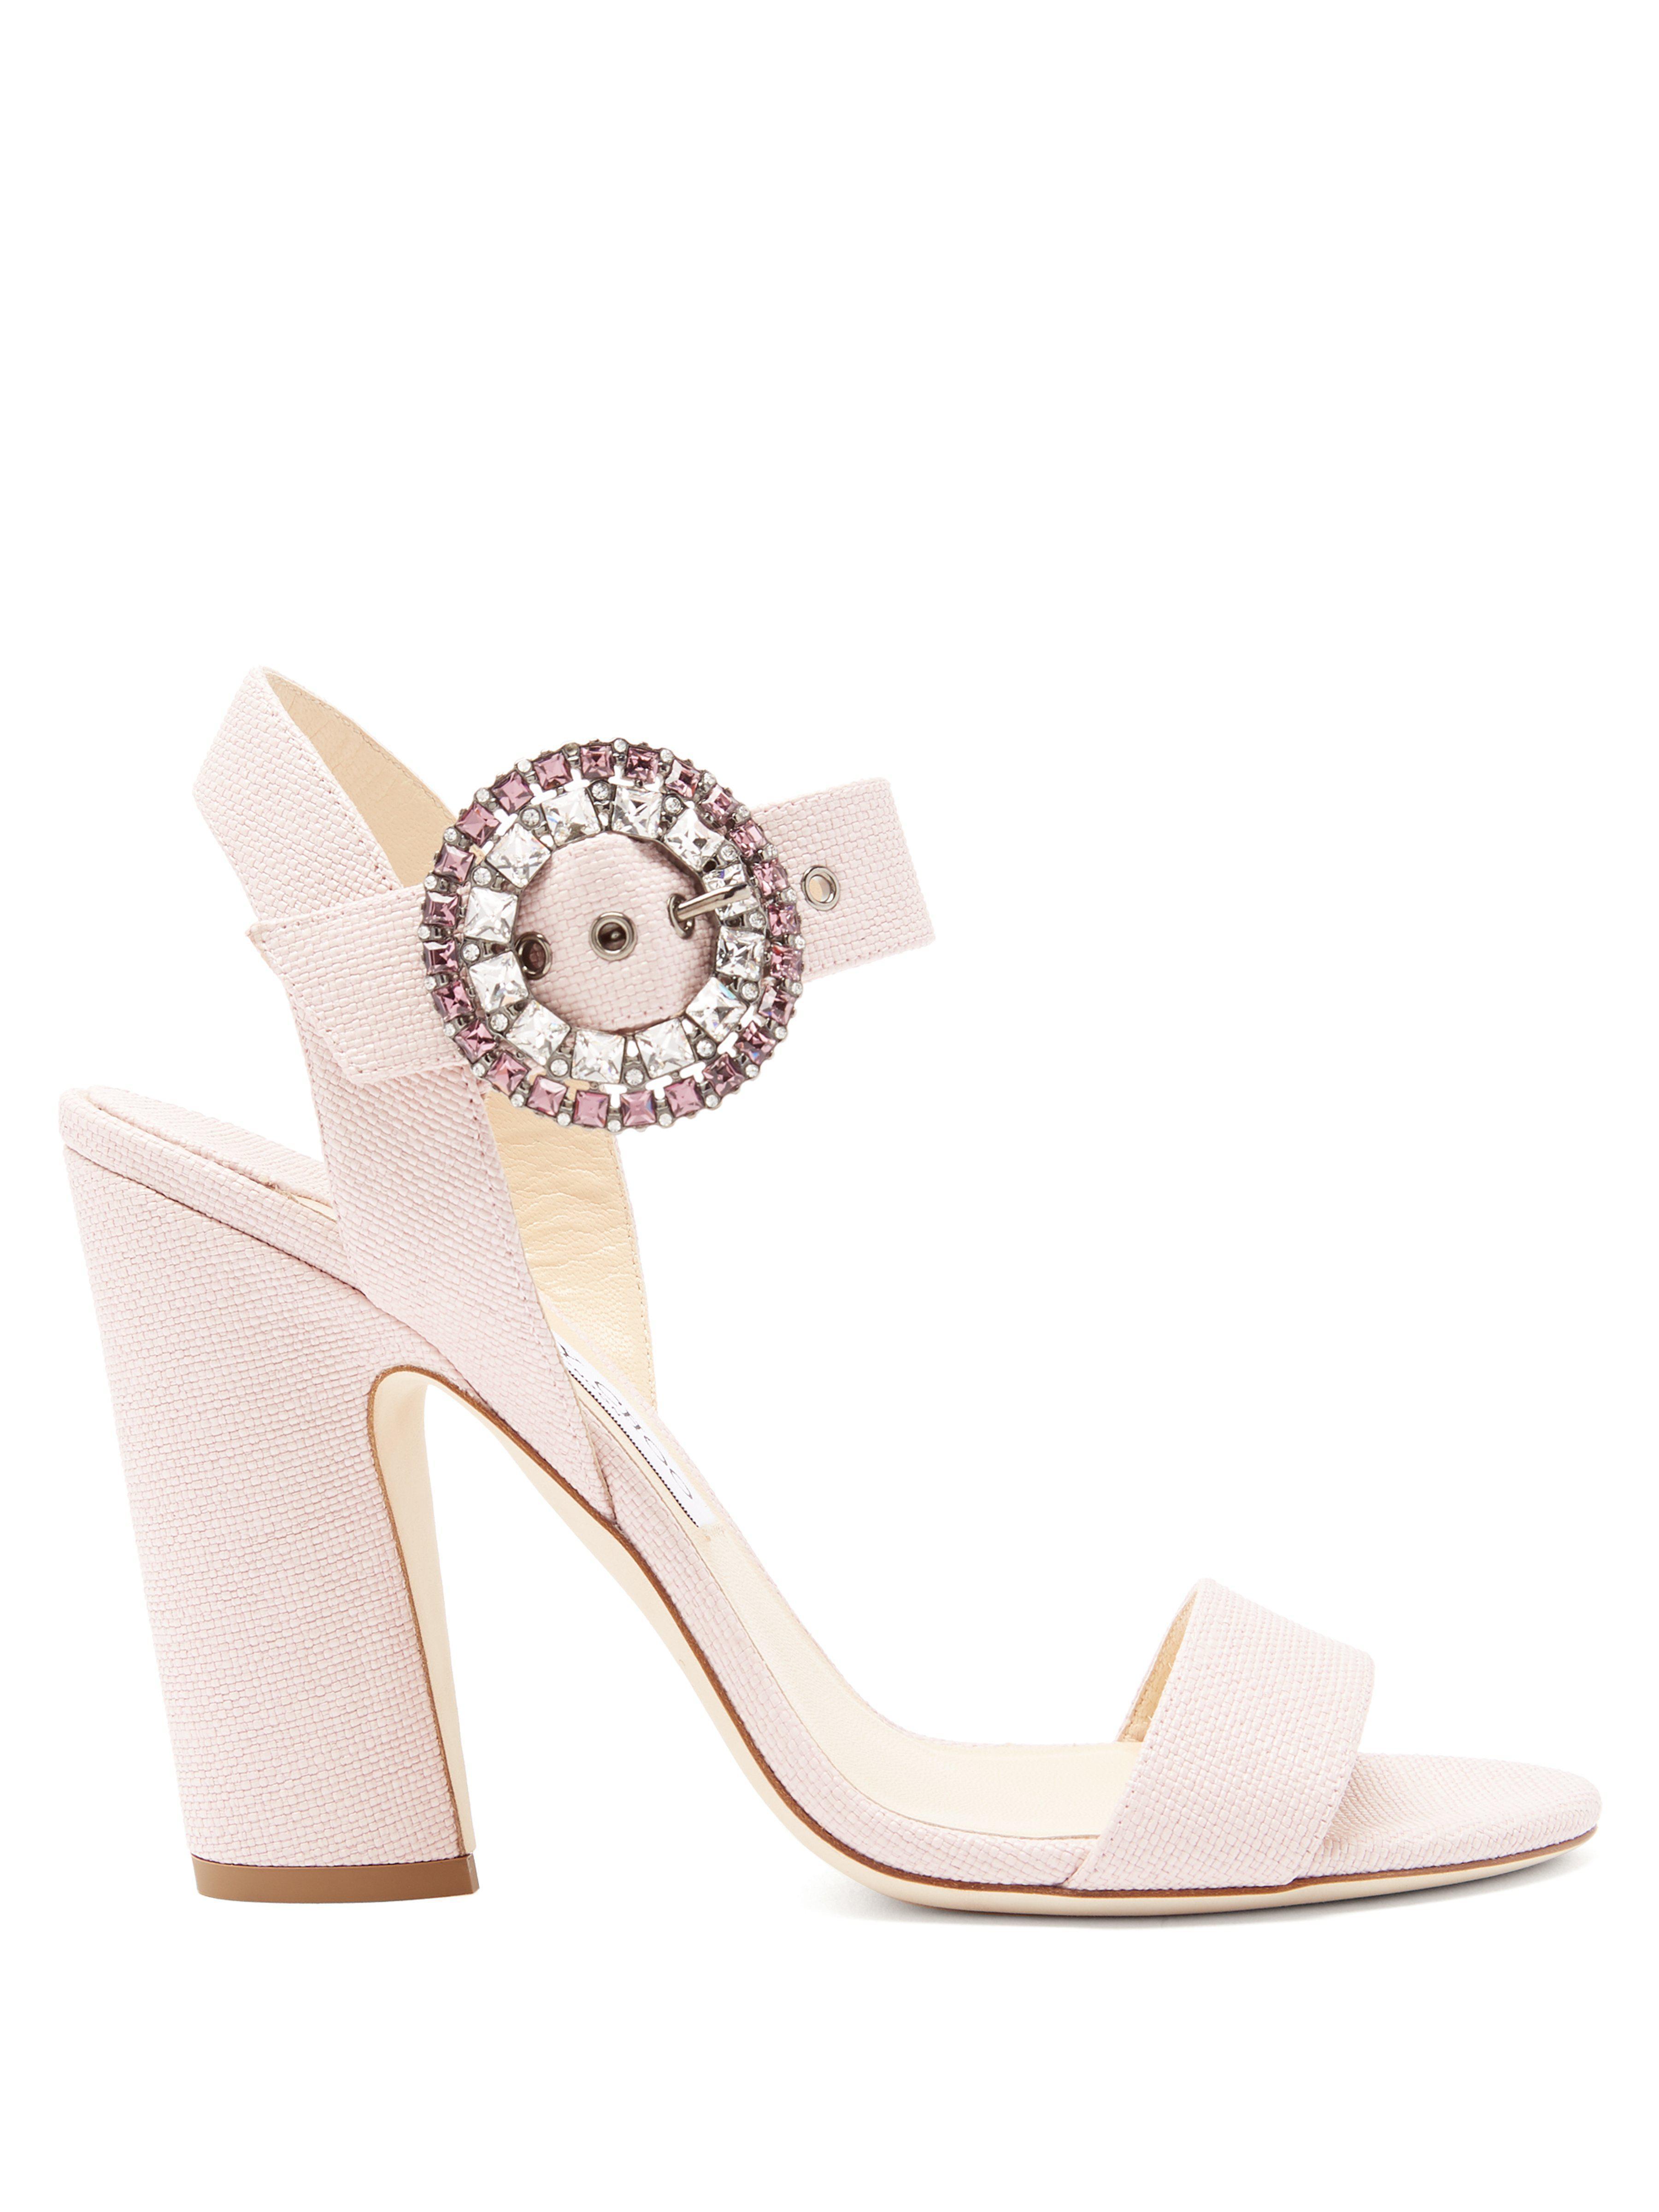 fa88ebc43dfe Jimmy Choo Mischa 100 Raffia Sandals in Pink - Lyst